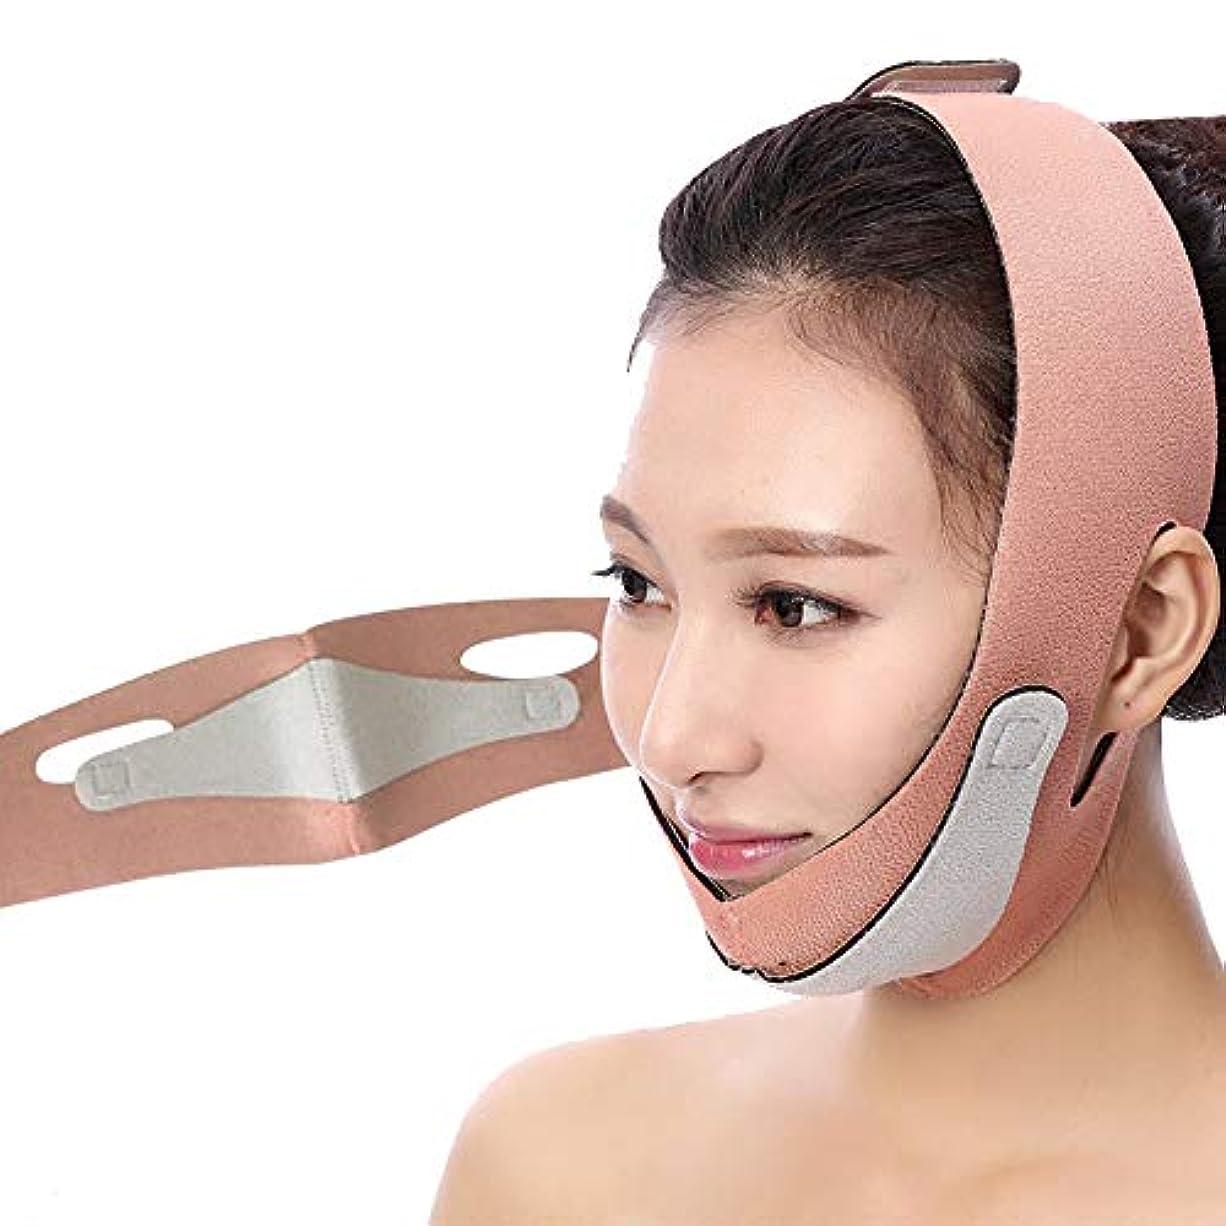 シチリア性格七時半女性用フェイススリミングマスク、フェイスリフティングスリミングVフェイスマスク、Vフェイスラインベルトチンチークスリムリフトアップアンチリンクルマスク超薄型ストラップバンドVフェイスラインベルトストラップ通気性